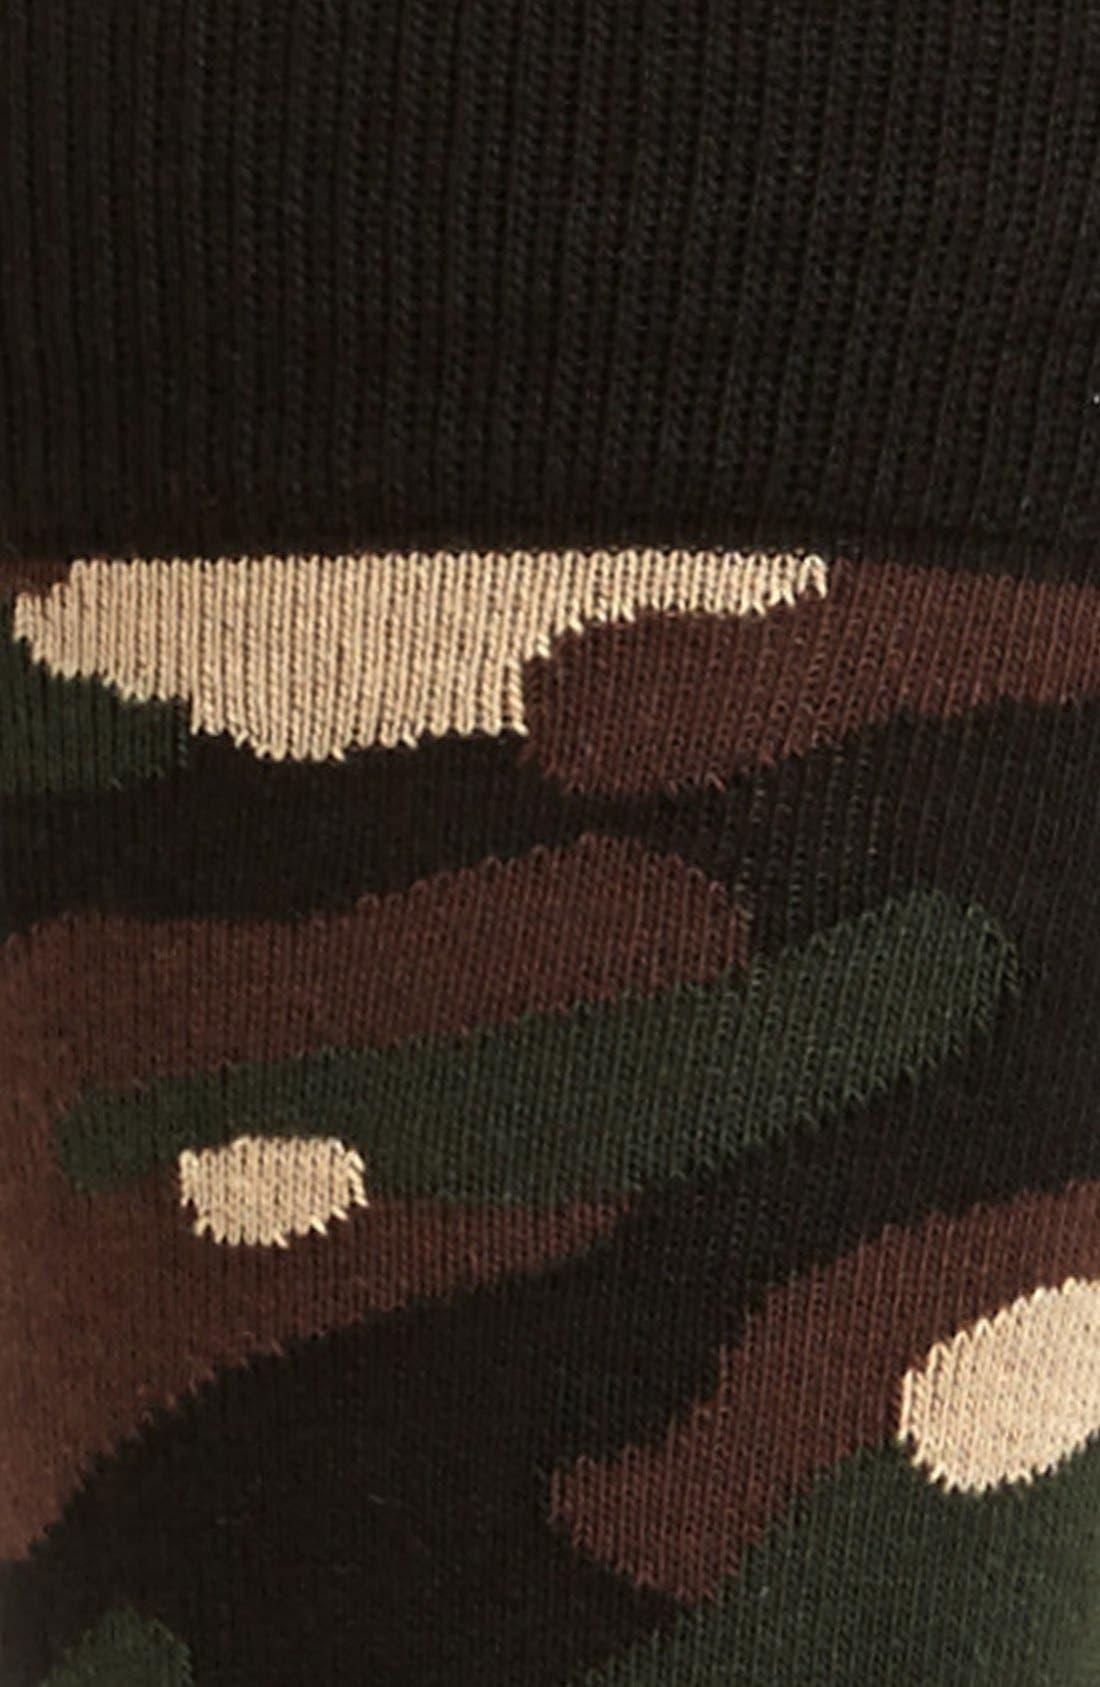 Alternate Image 2  - Richer Poorer 'The Long Weekend' Socks Gift Set (3-Pack)